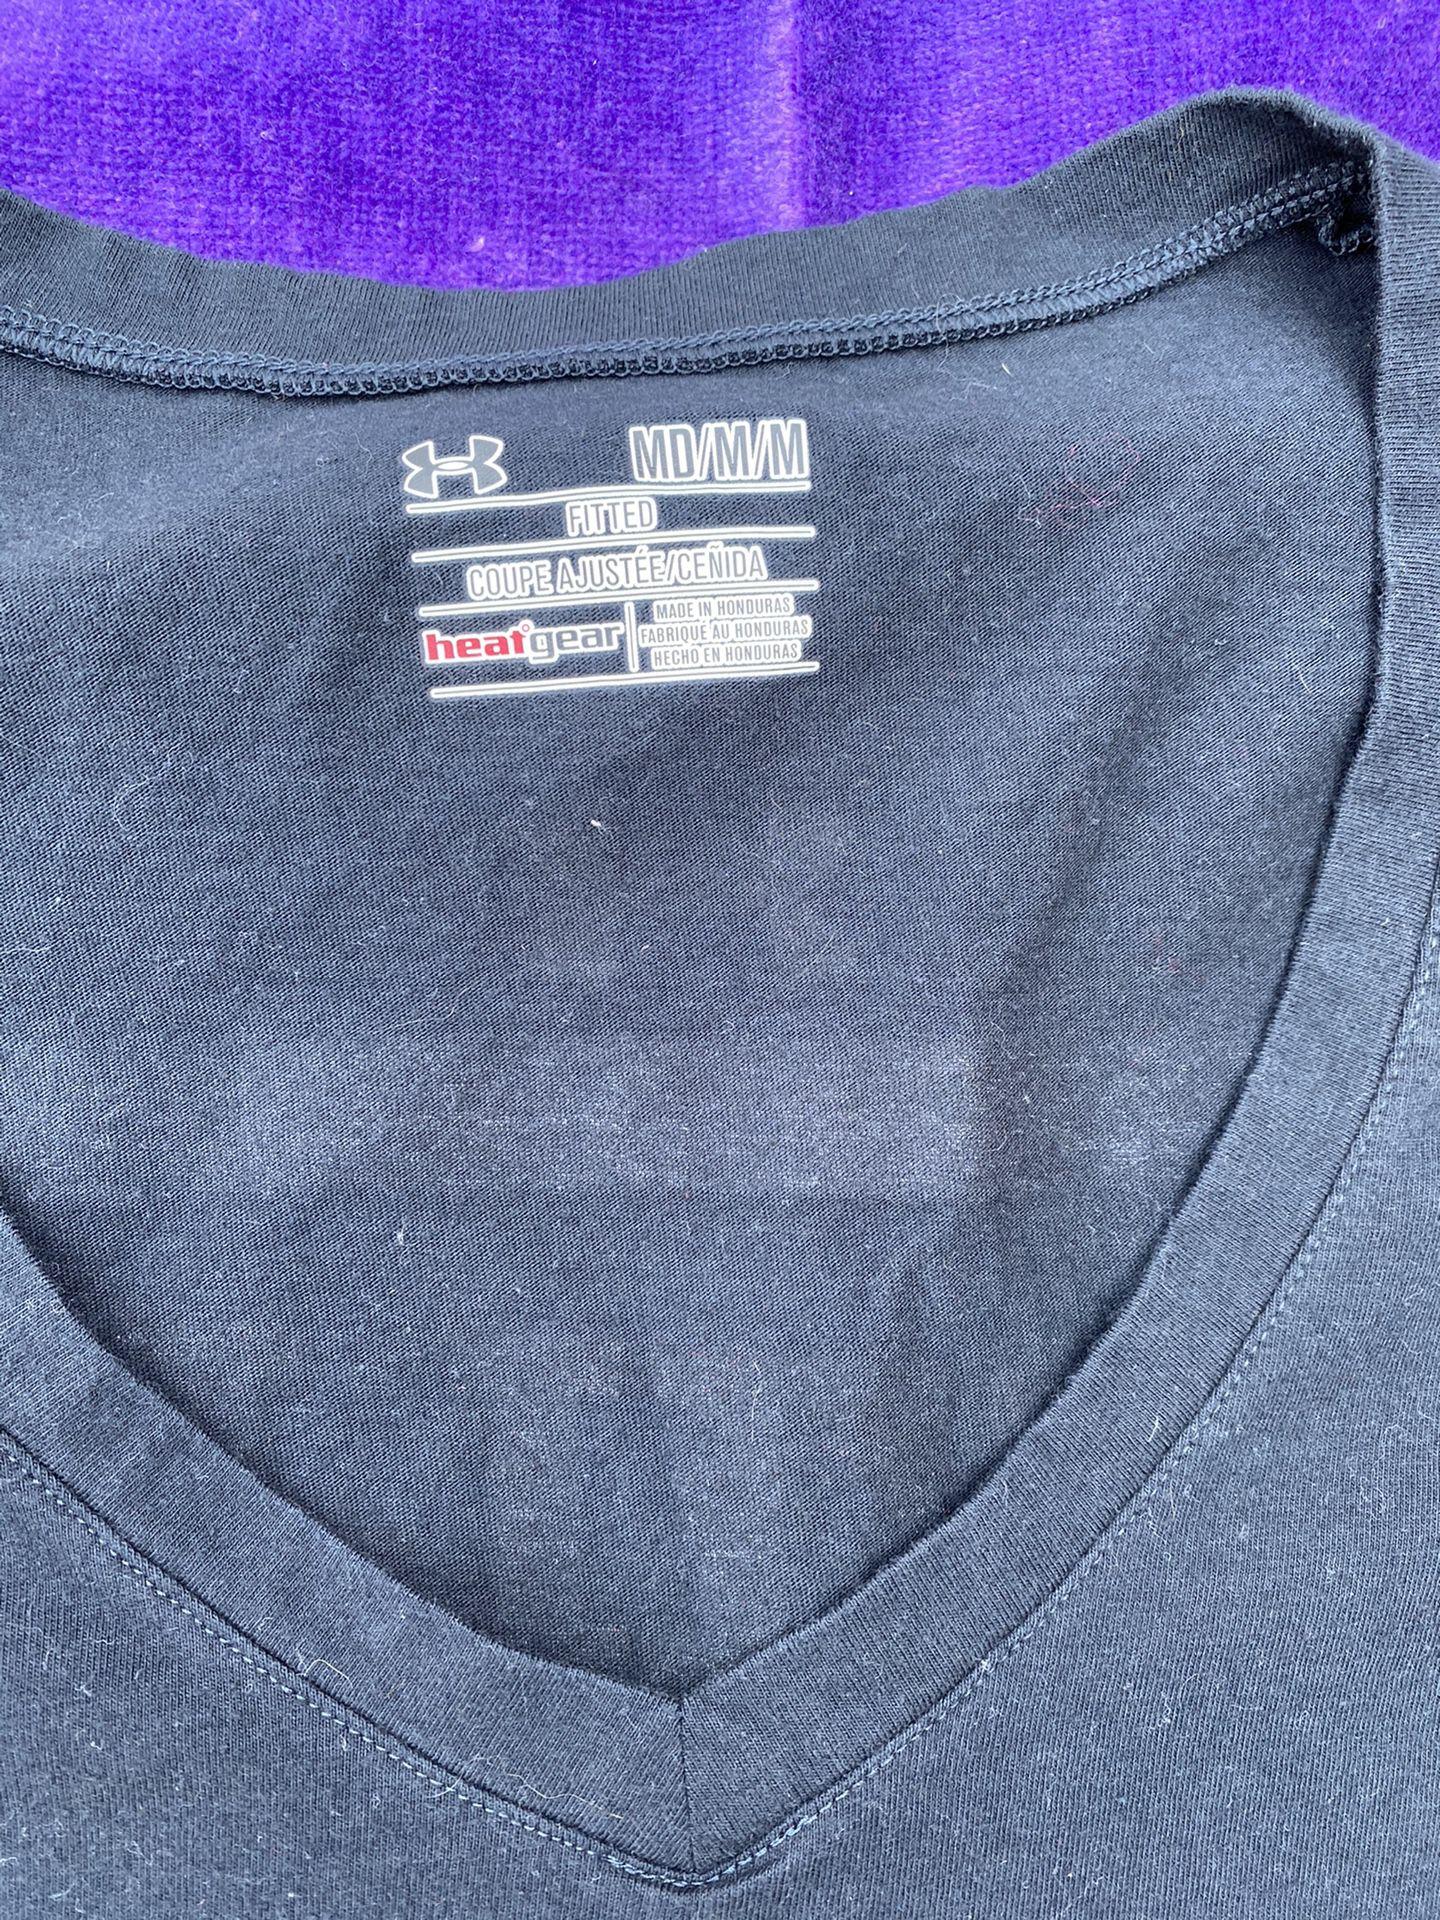 Canelo Alvarez Under Armour Women's shirt